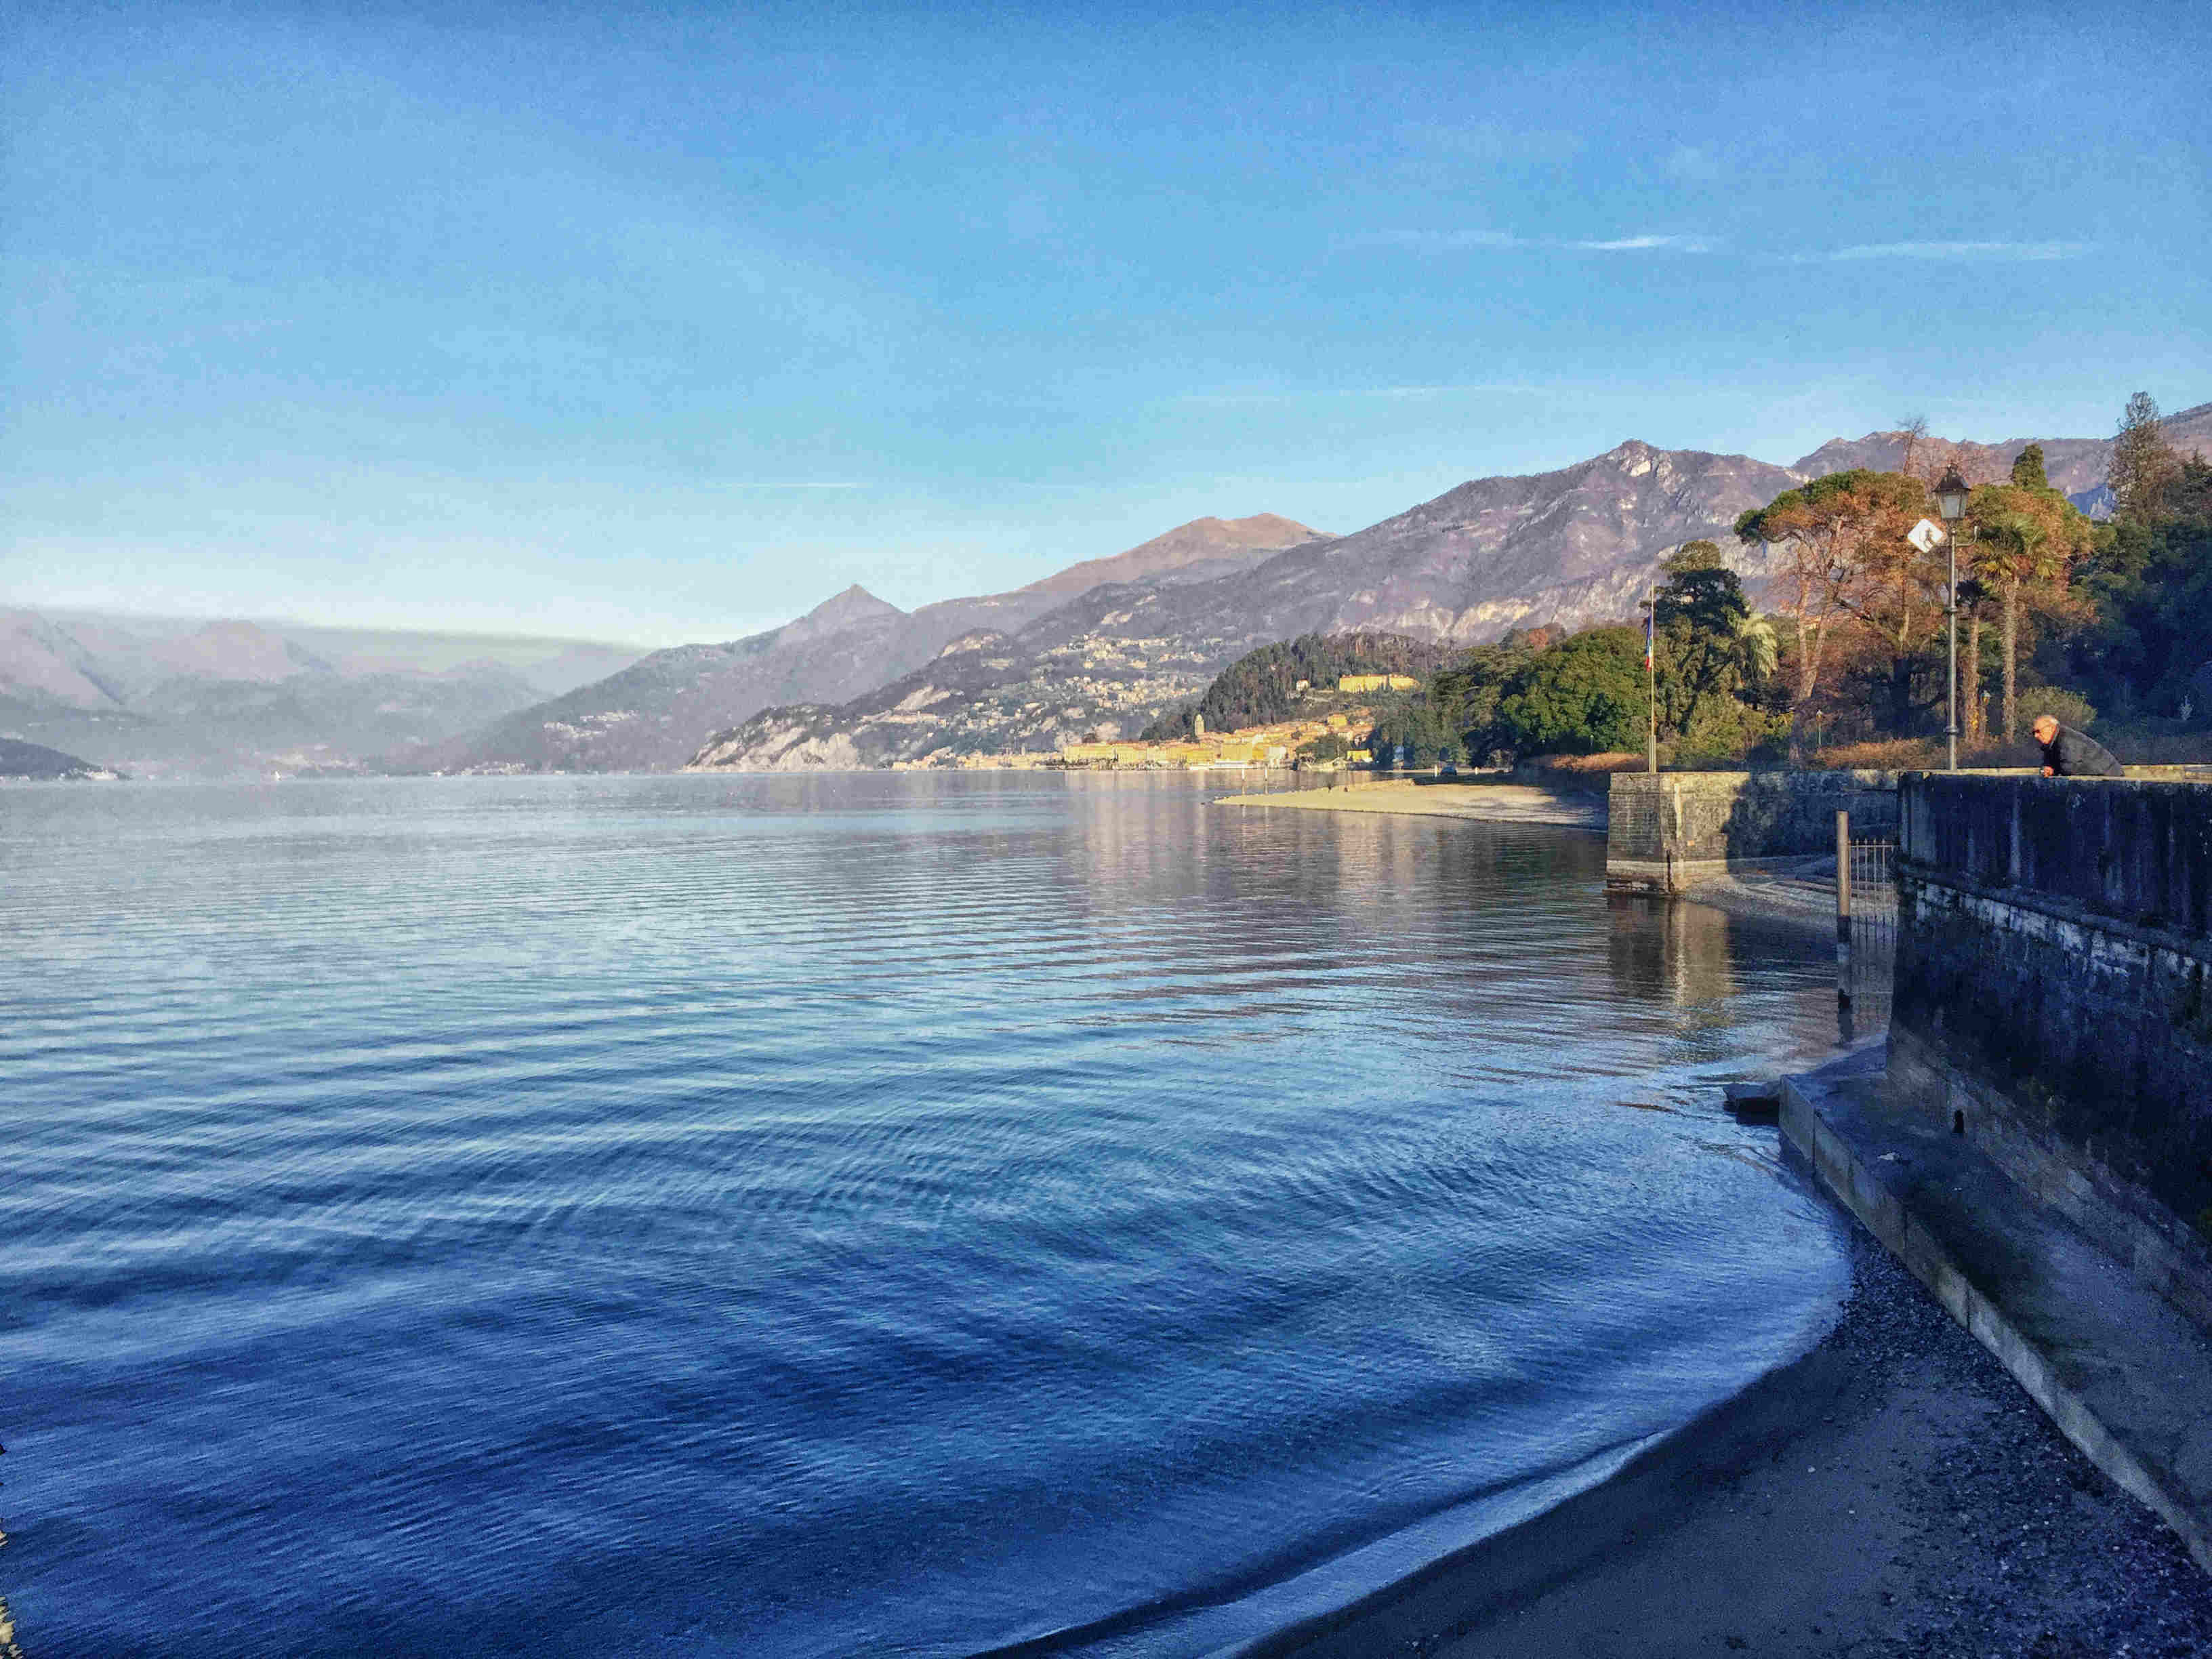 Comer See im Winter: Der Hafen von Menaggio